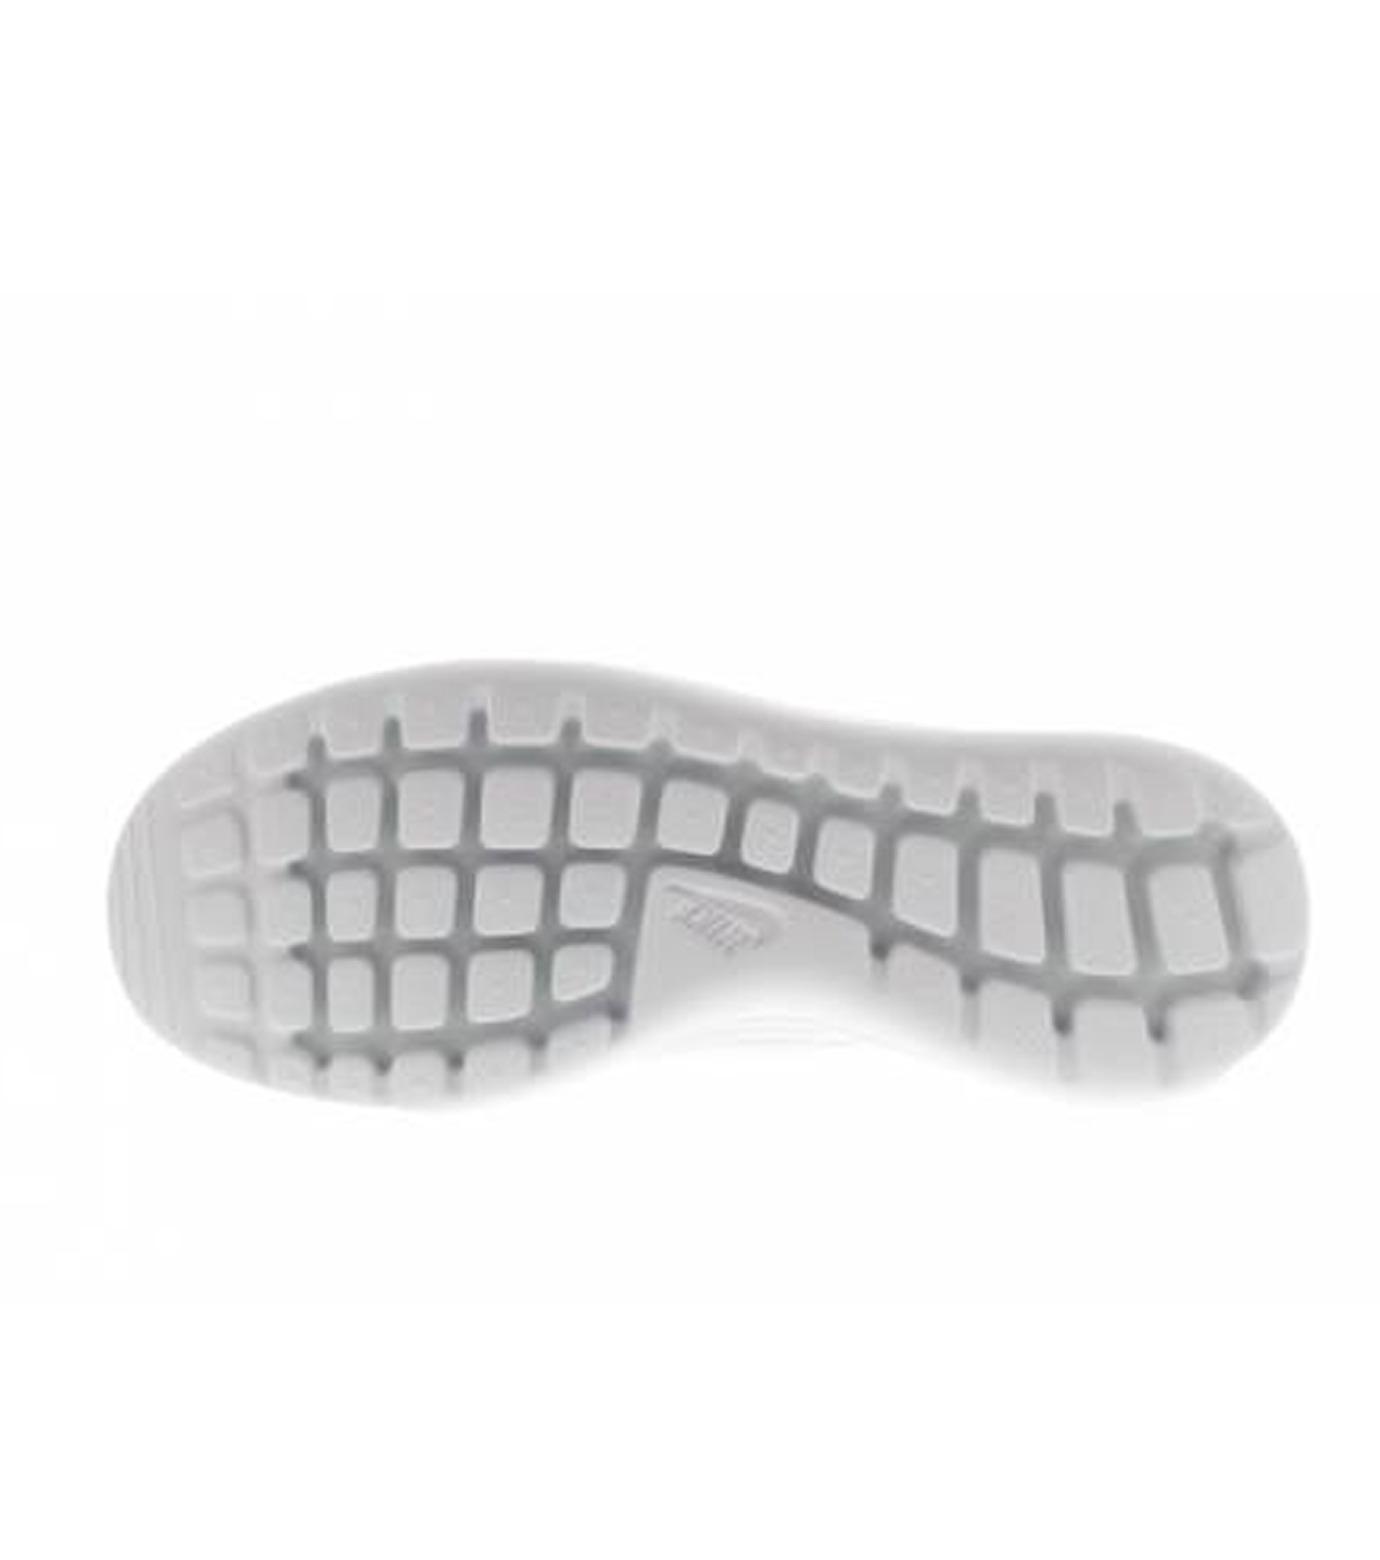 NIKE(ナイキ)のWMNS ROSHE 2-WHITE(シューズ/shoes)-844931-100-4 拡大詳細画像2